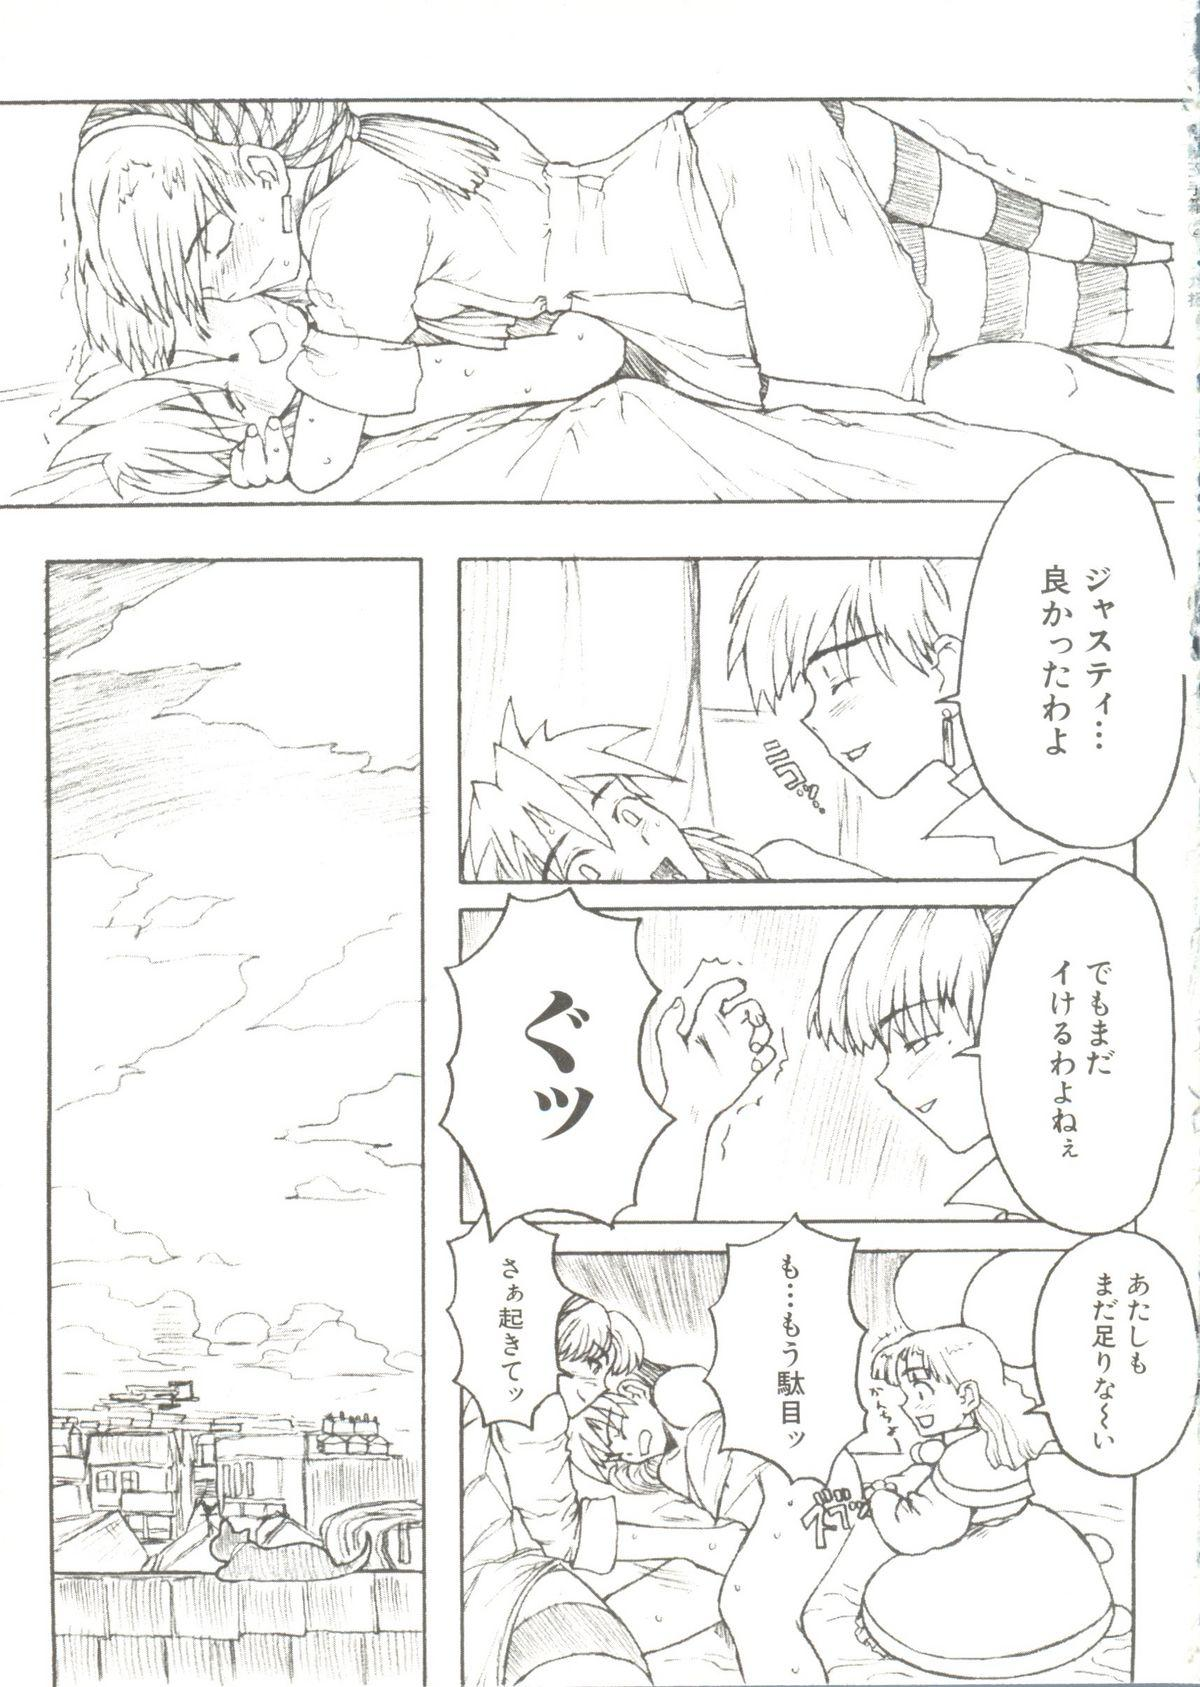 Denei Tamate Bako Bishoujo Doujinshi Anthology Vol. 2 - Nishinhou no Tenshi 128